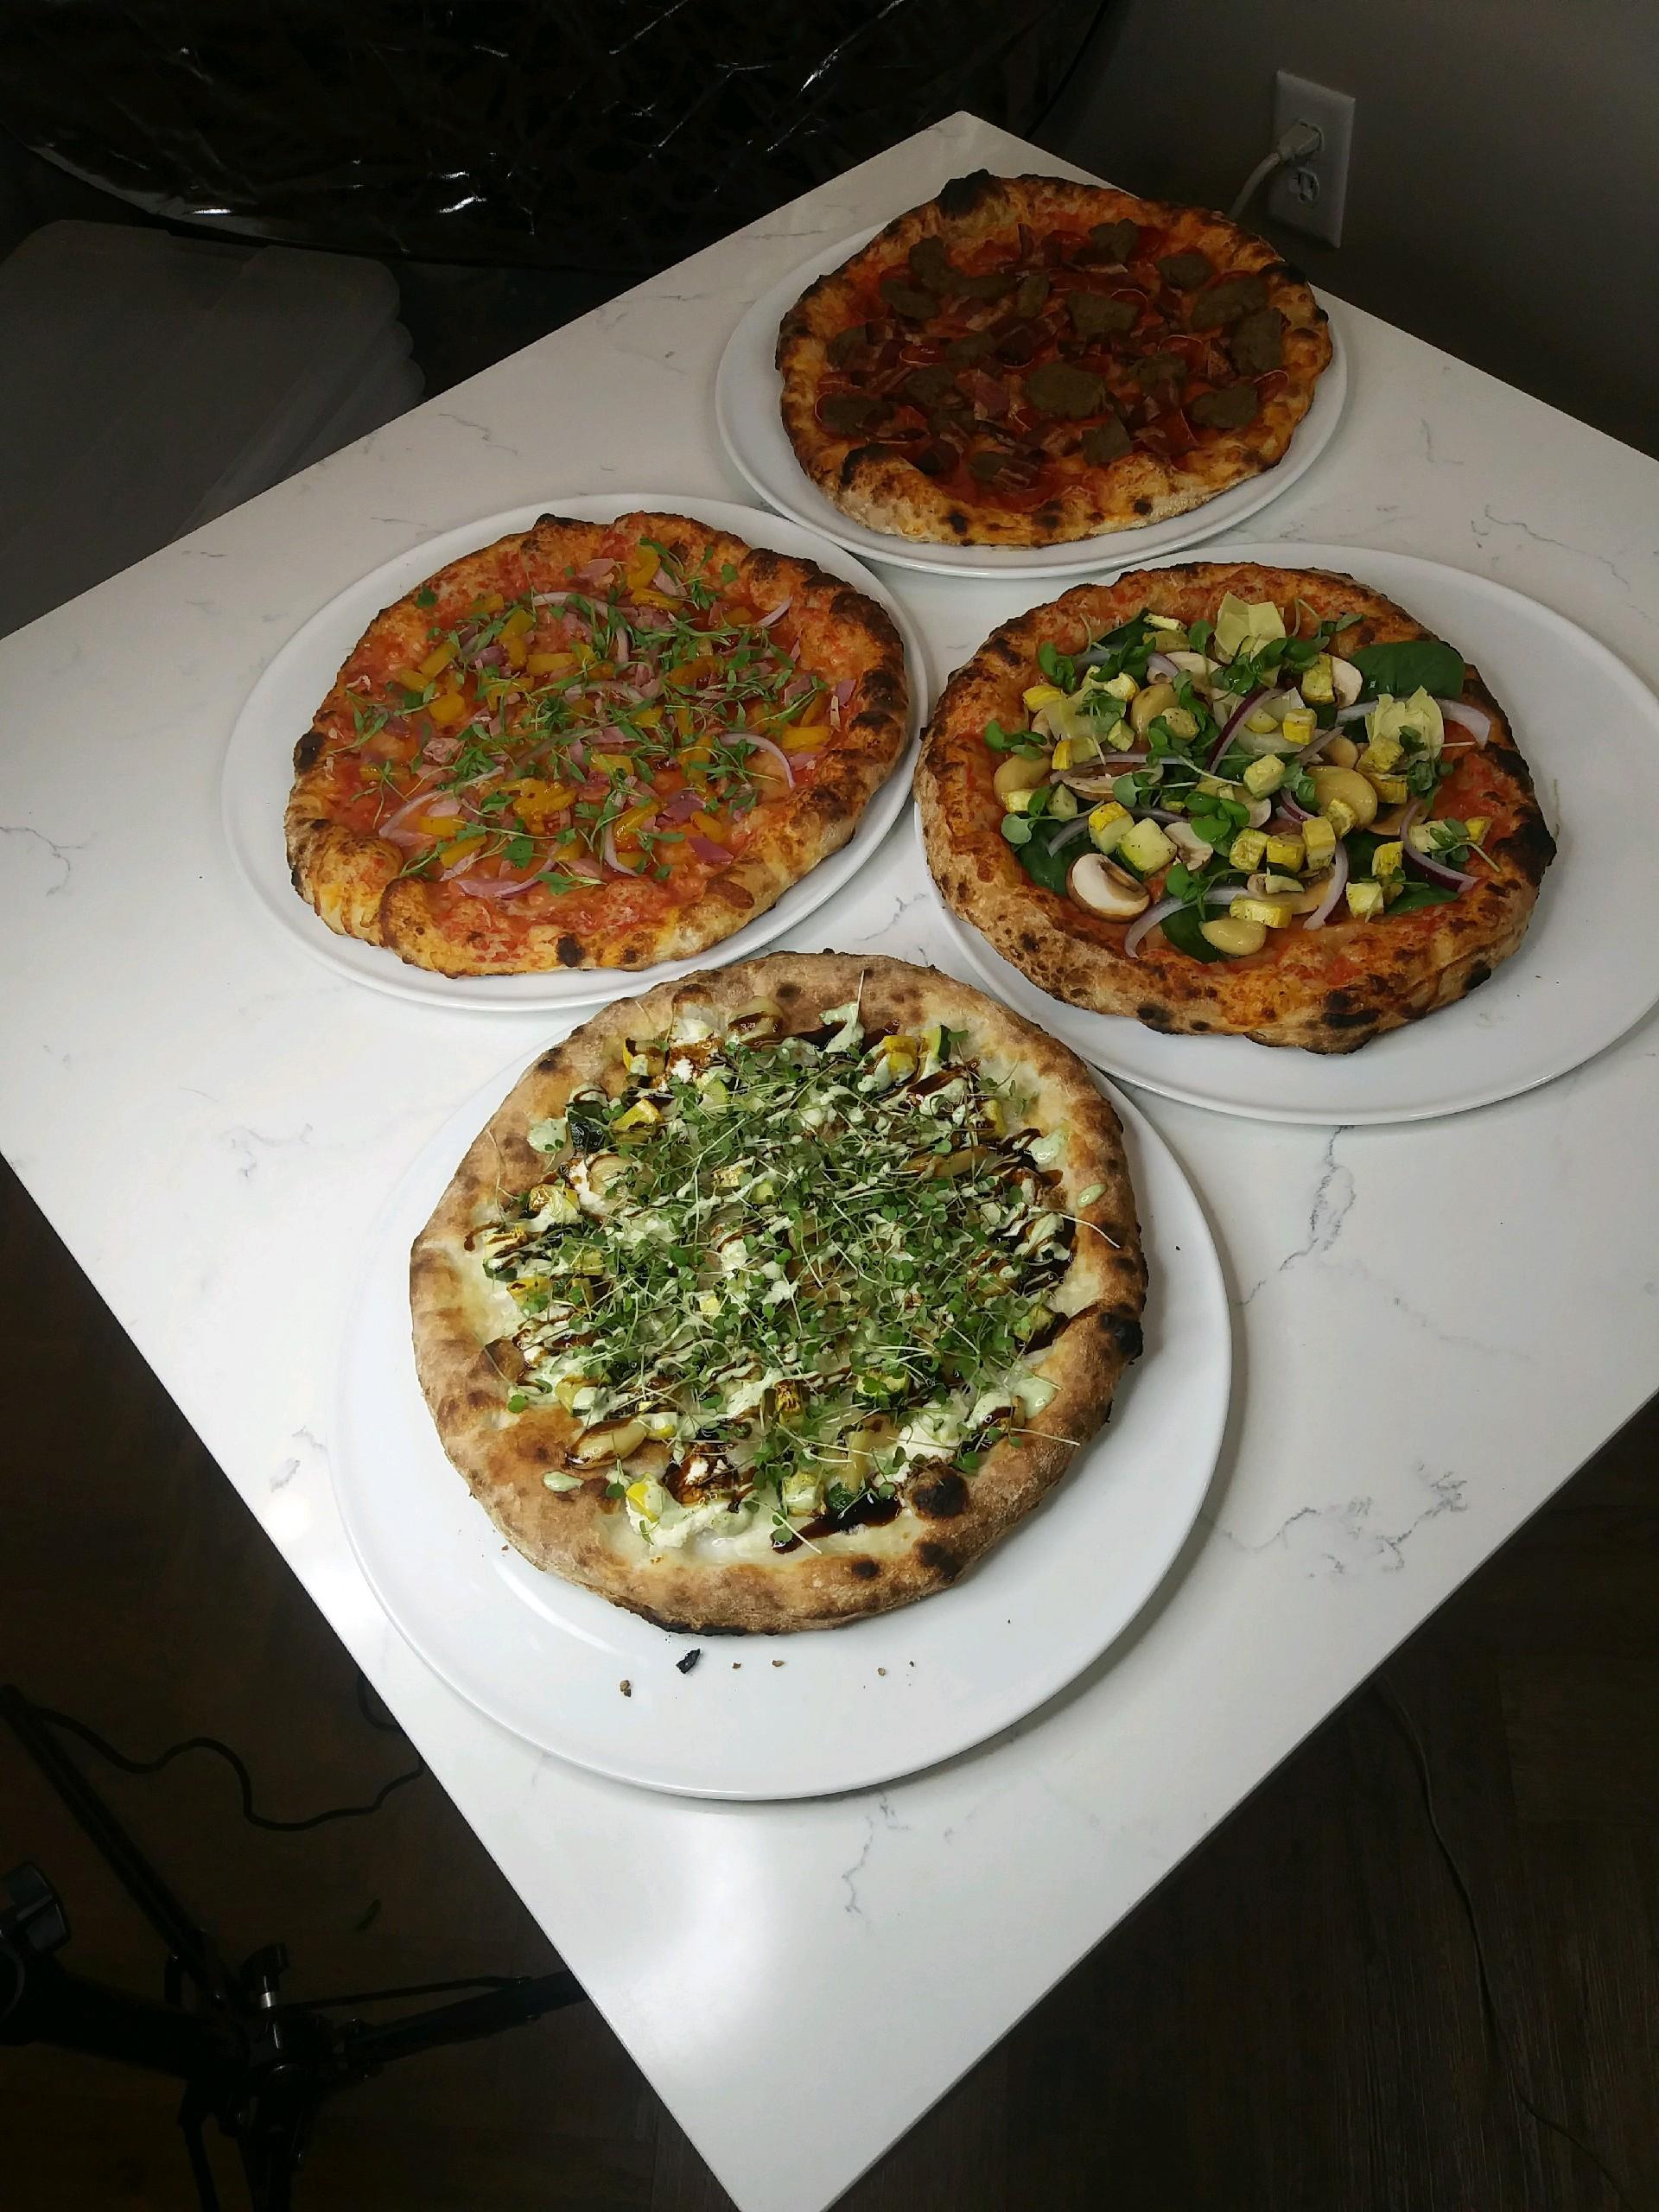 pizza geo - blvd 41 2.jpg